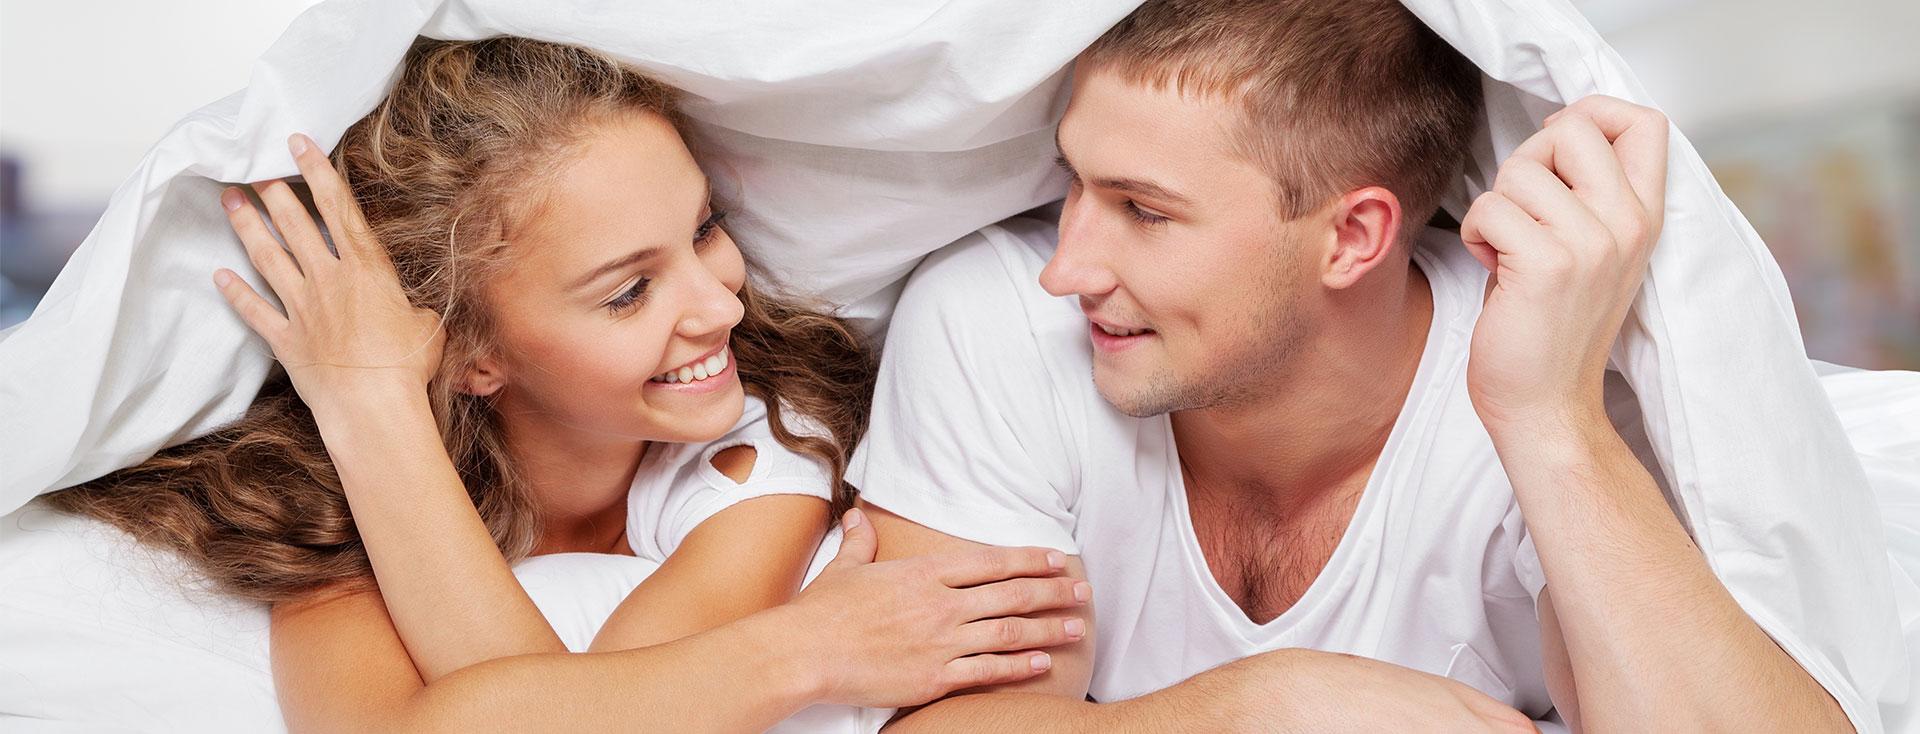 Sex toys programmables de Lovense vous permettant de personnaliser les vibrations.